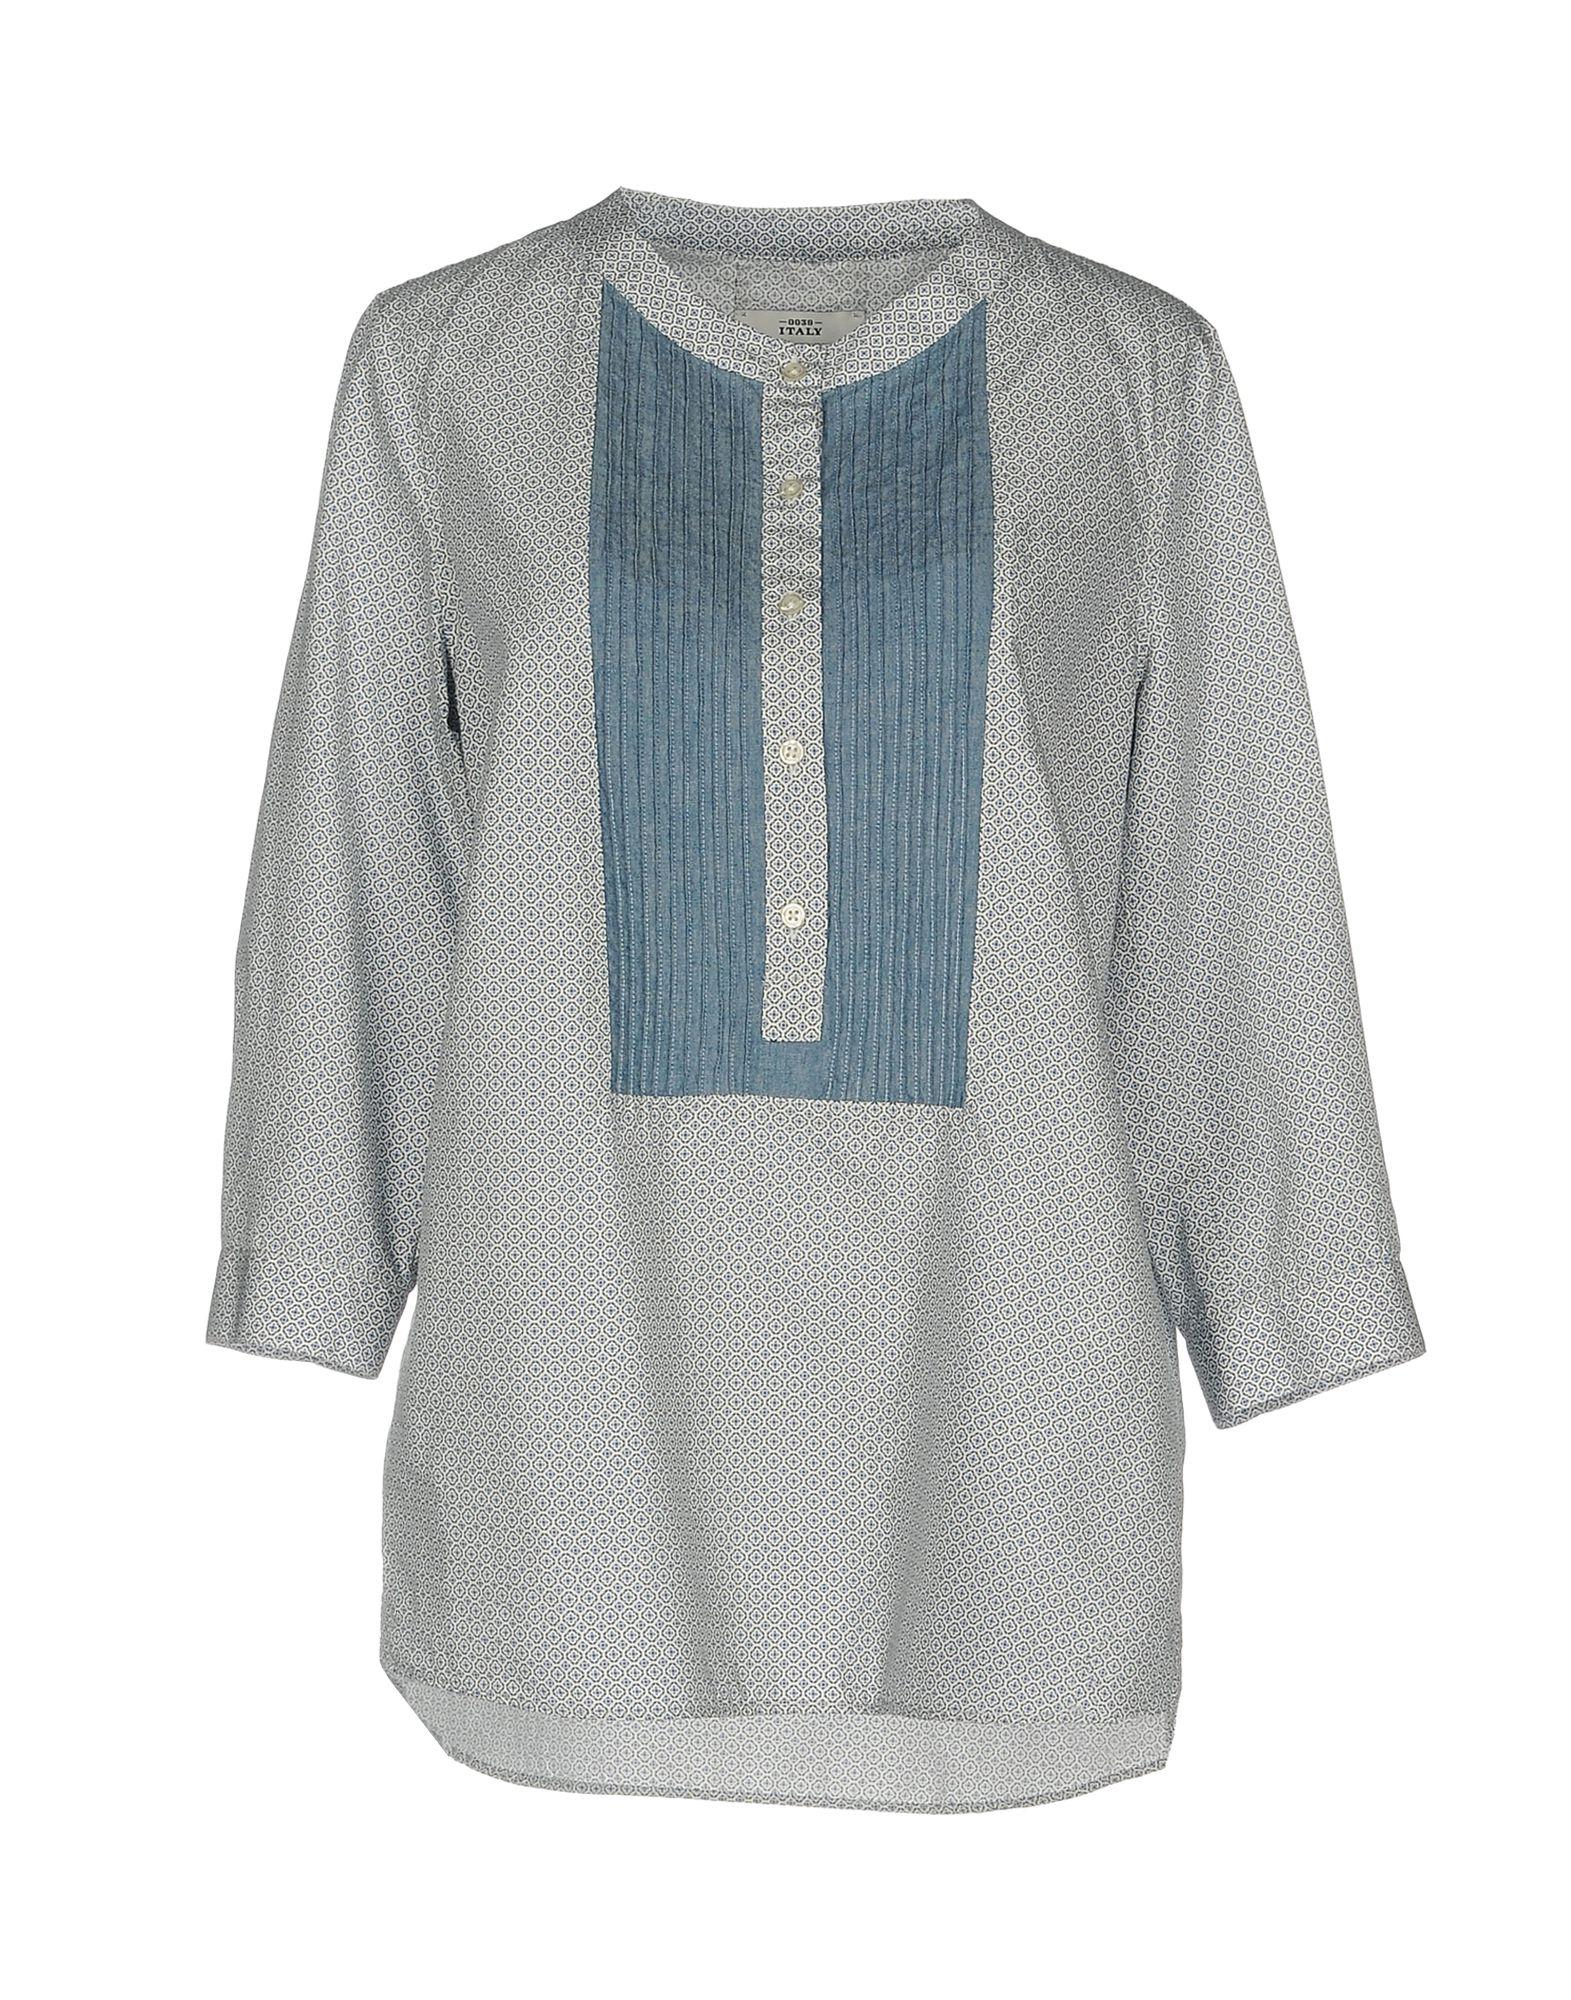 0039 ITALY Блузка 0039 italy свитер